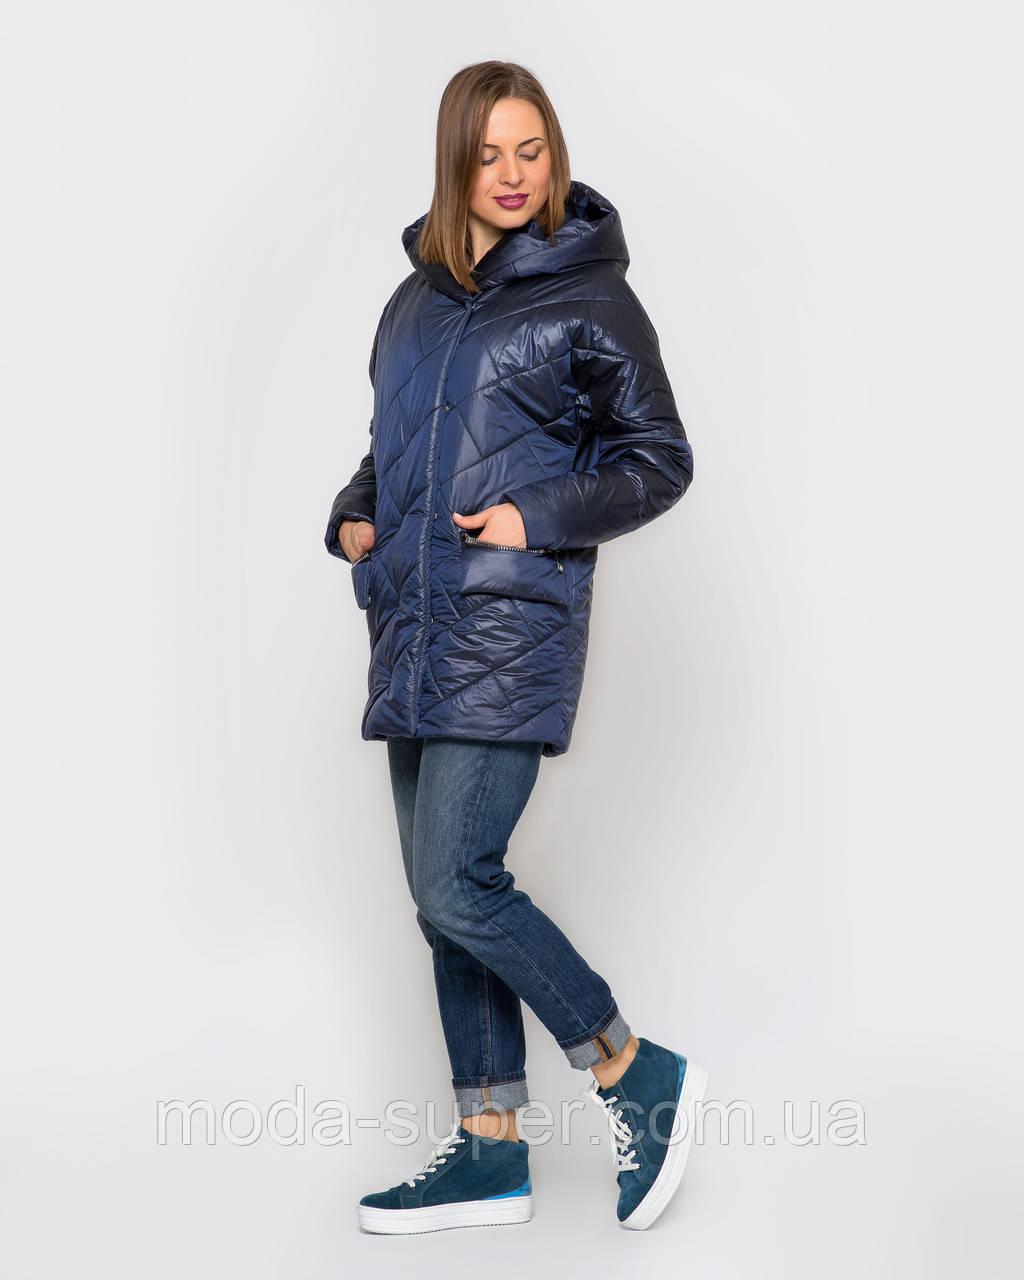 Стьобаний жіноча куртка атласна з просоченням рр 44-56